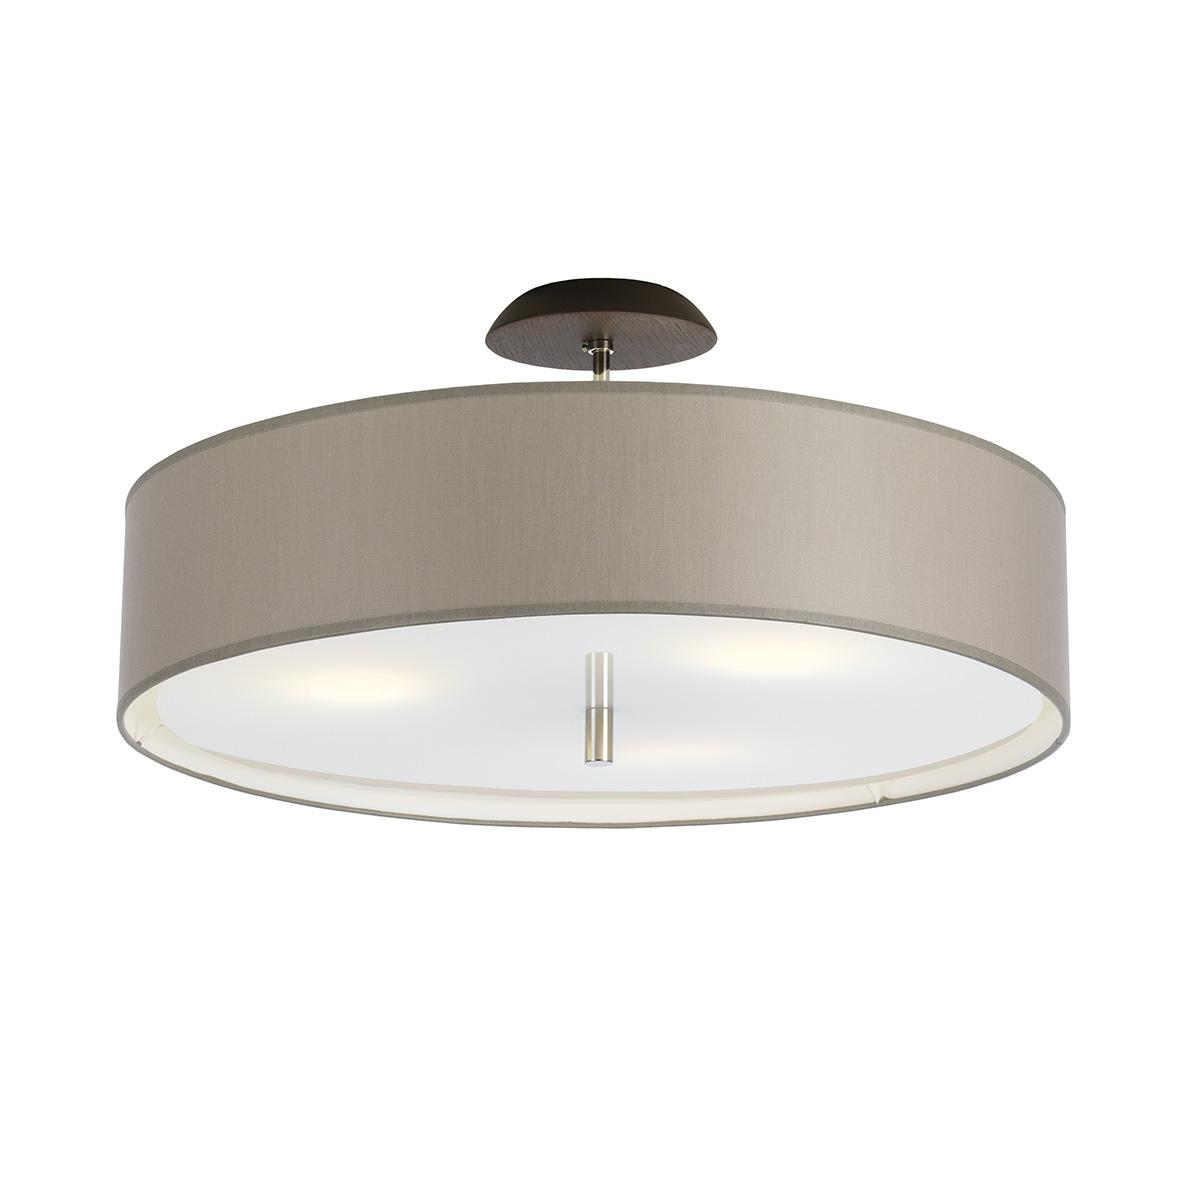 Φωτιστικό ημιοροφής με καπέλο OVNI ceiling lamp with shade